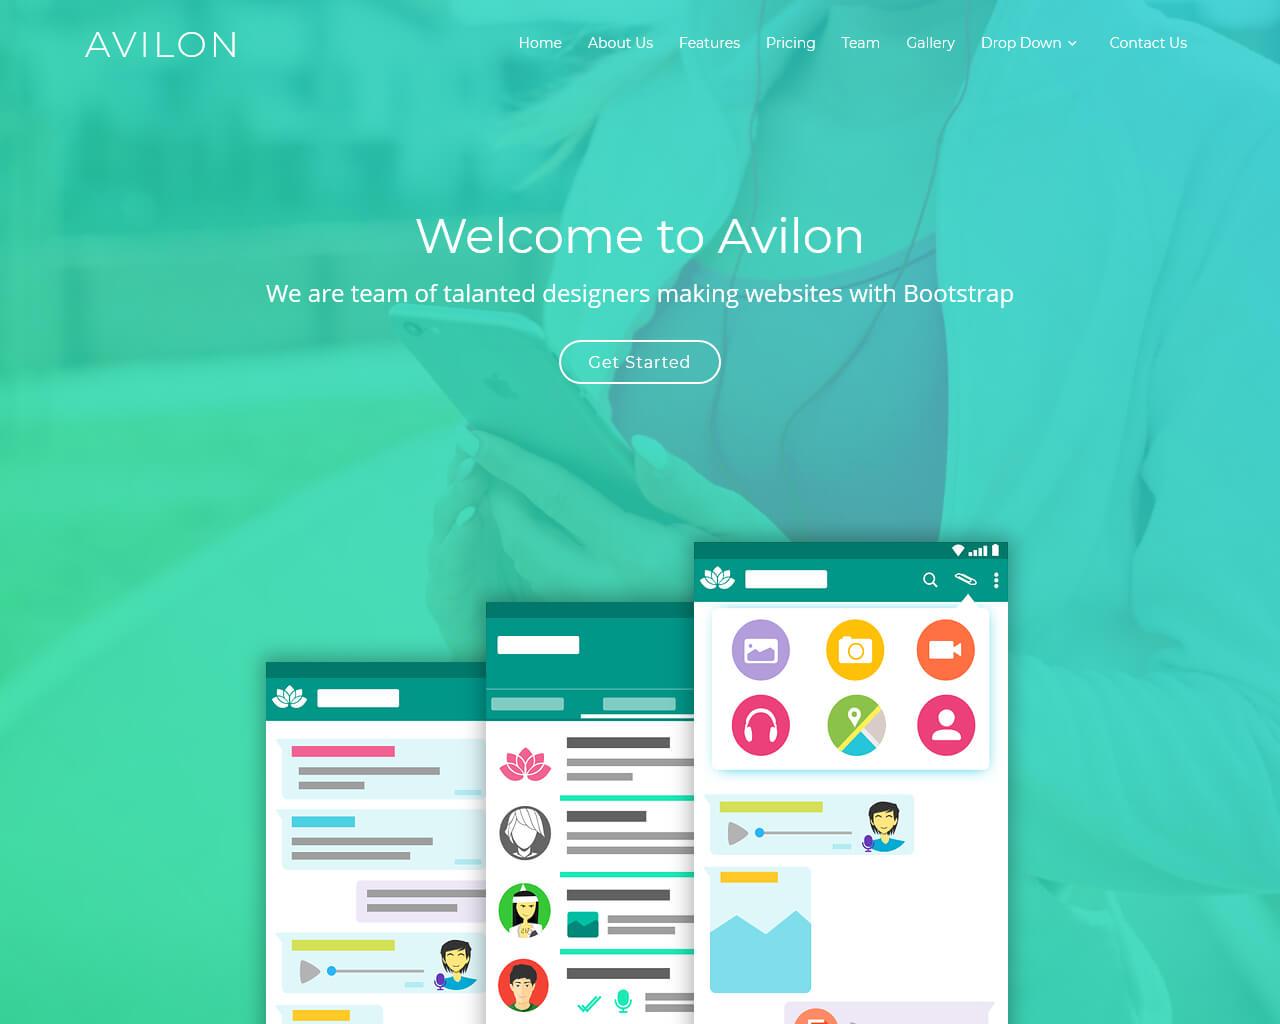 Avilon - Free Bootstrap Landing Page Theme